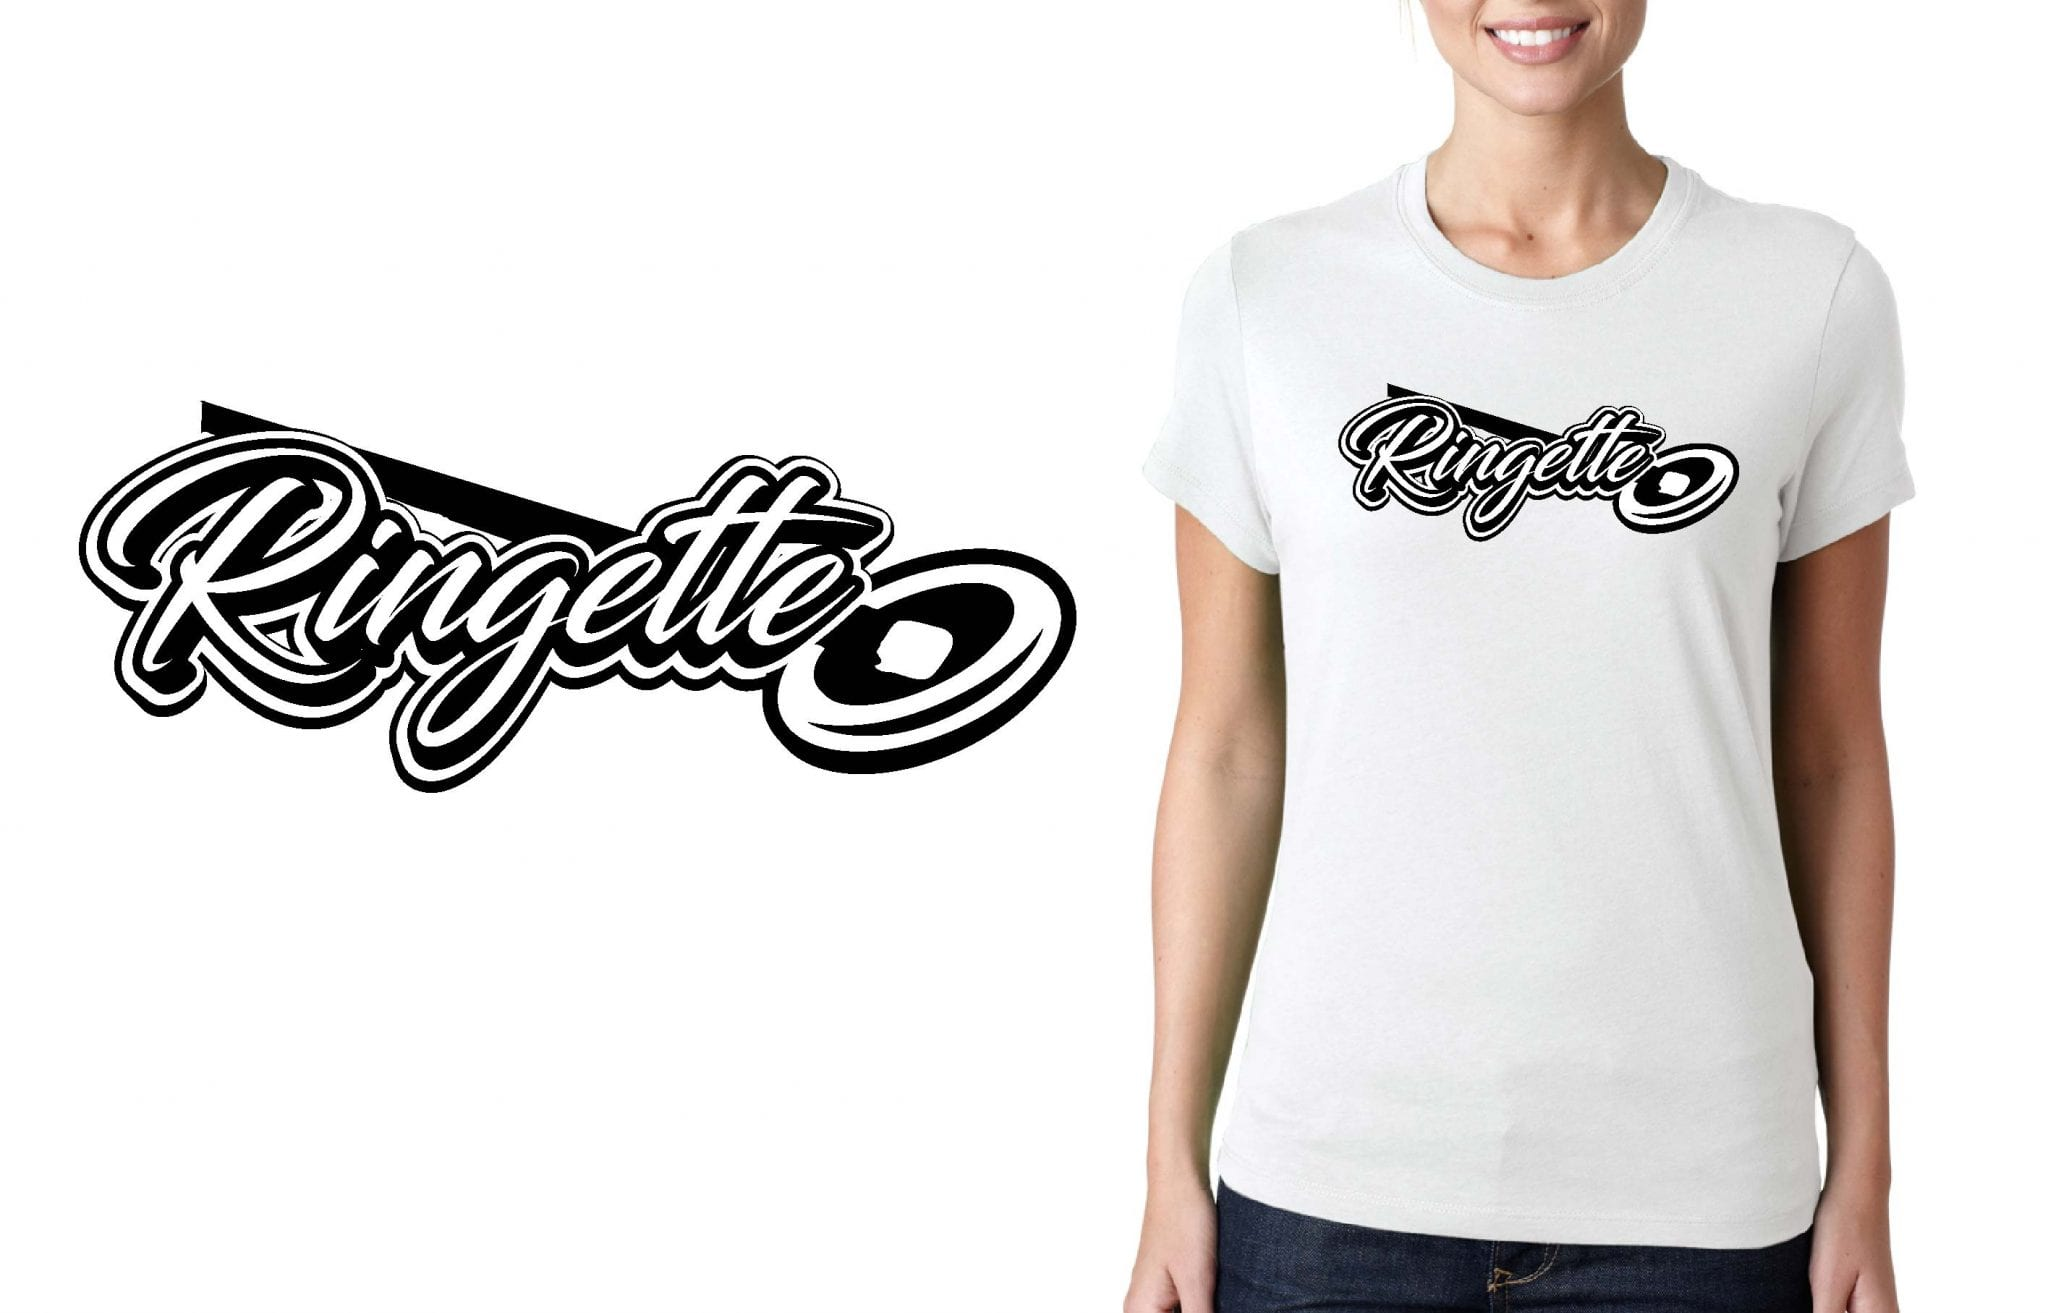 RINGETTE LOGO for T-SHIRT UrArtStudio